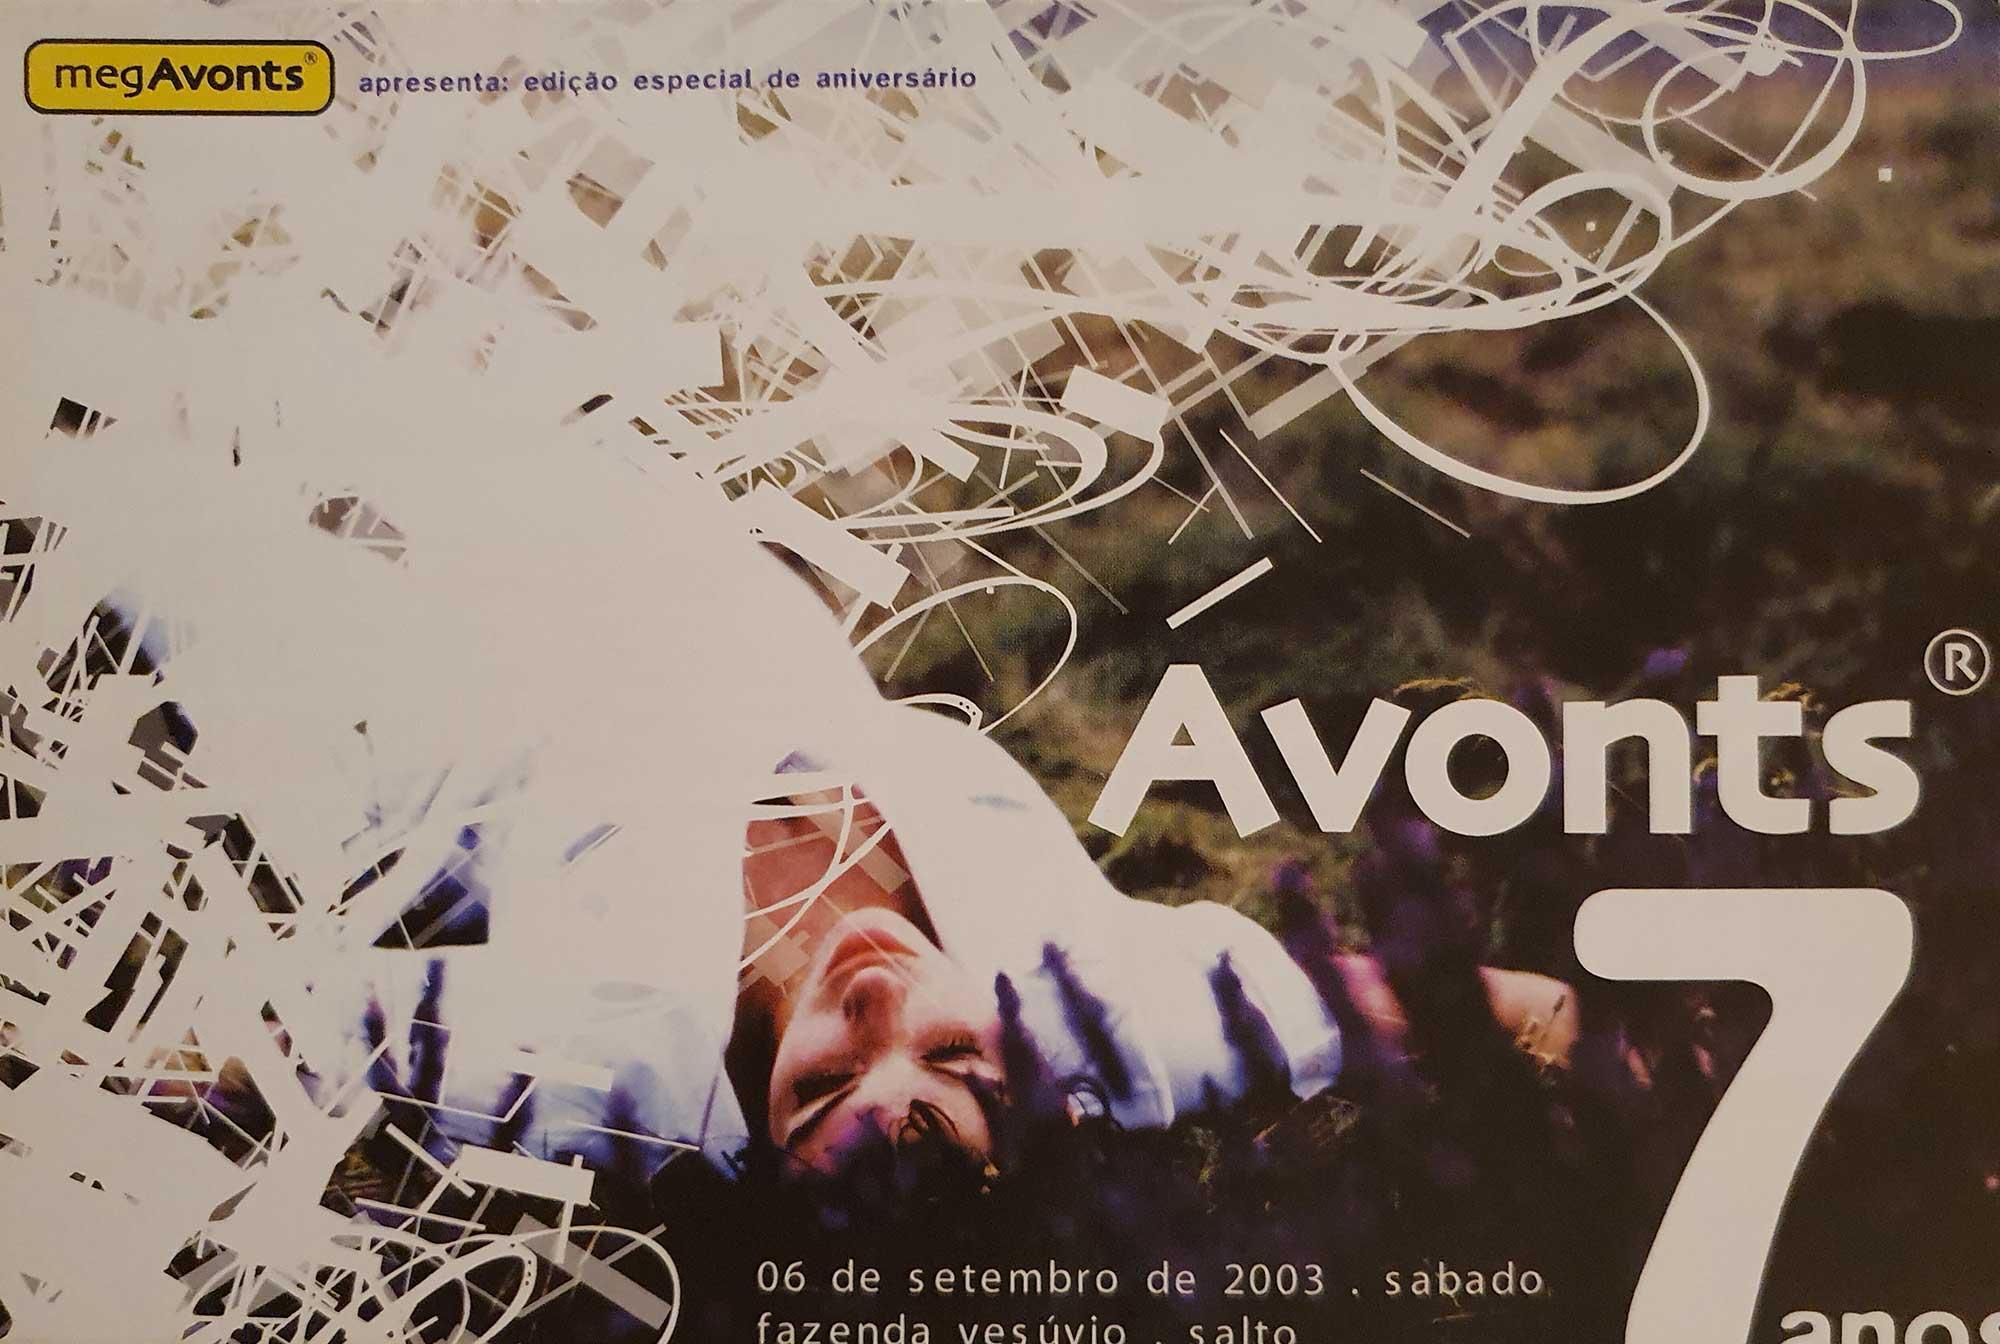 avonts7